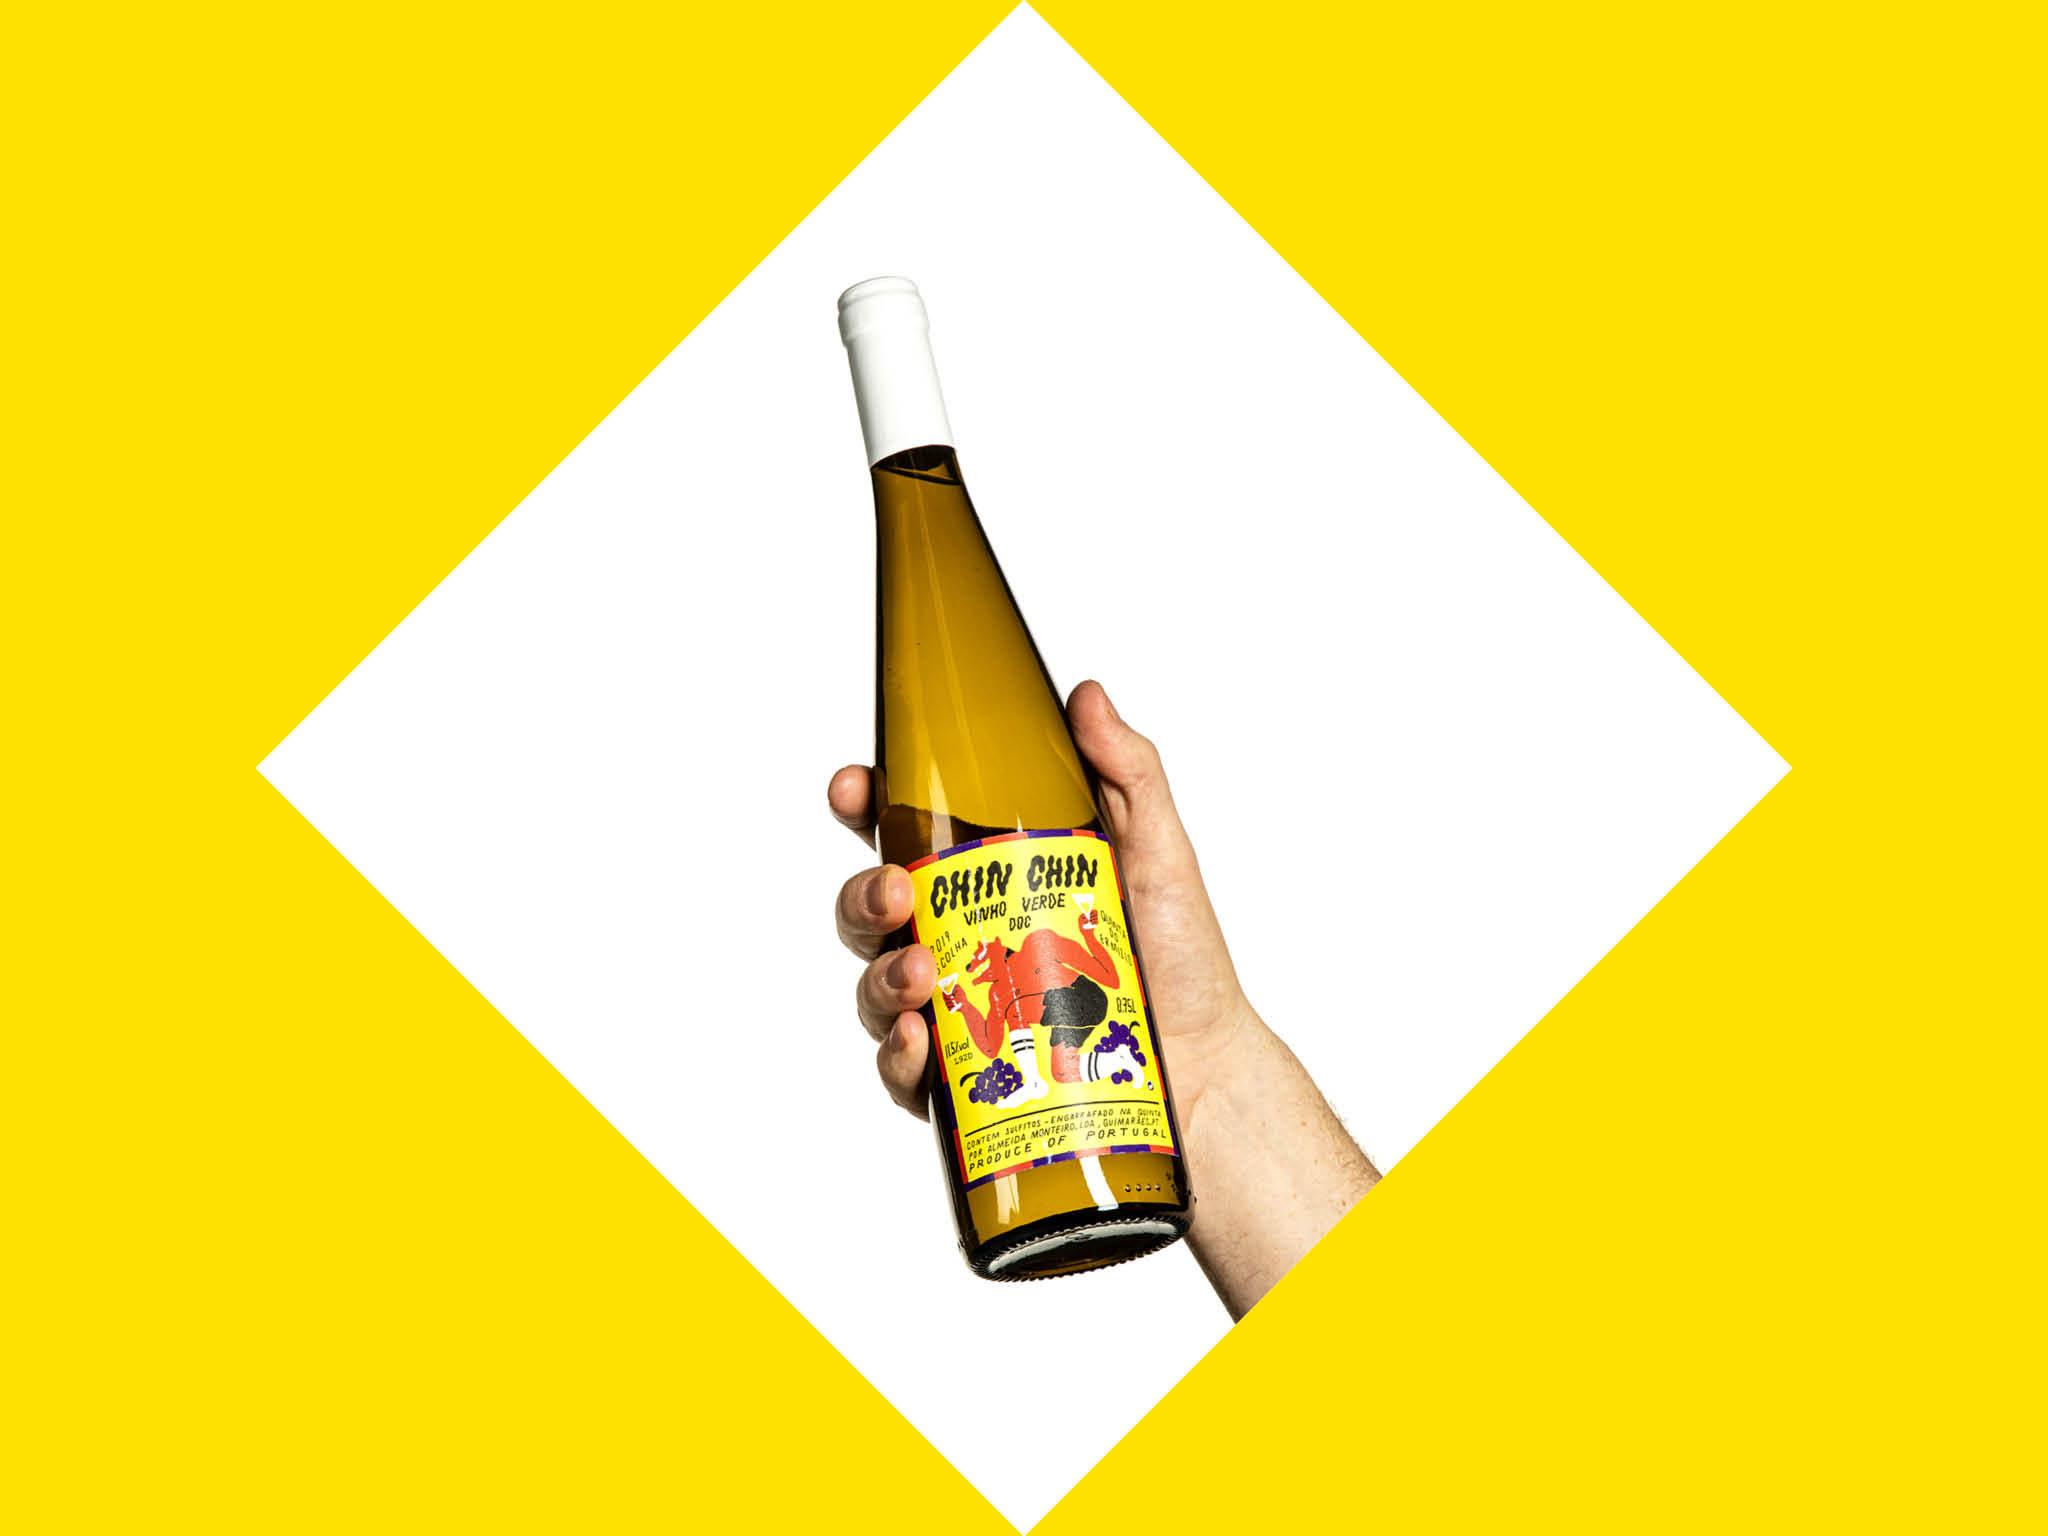 Chin Chin natural wine